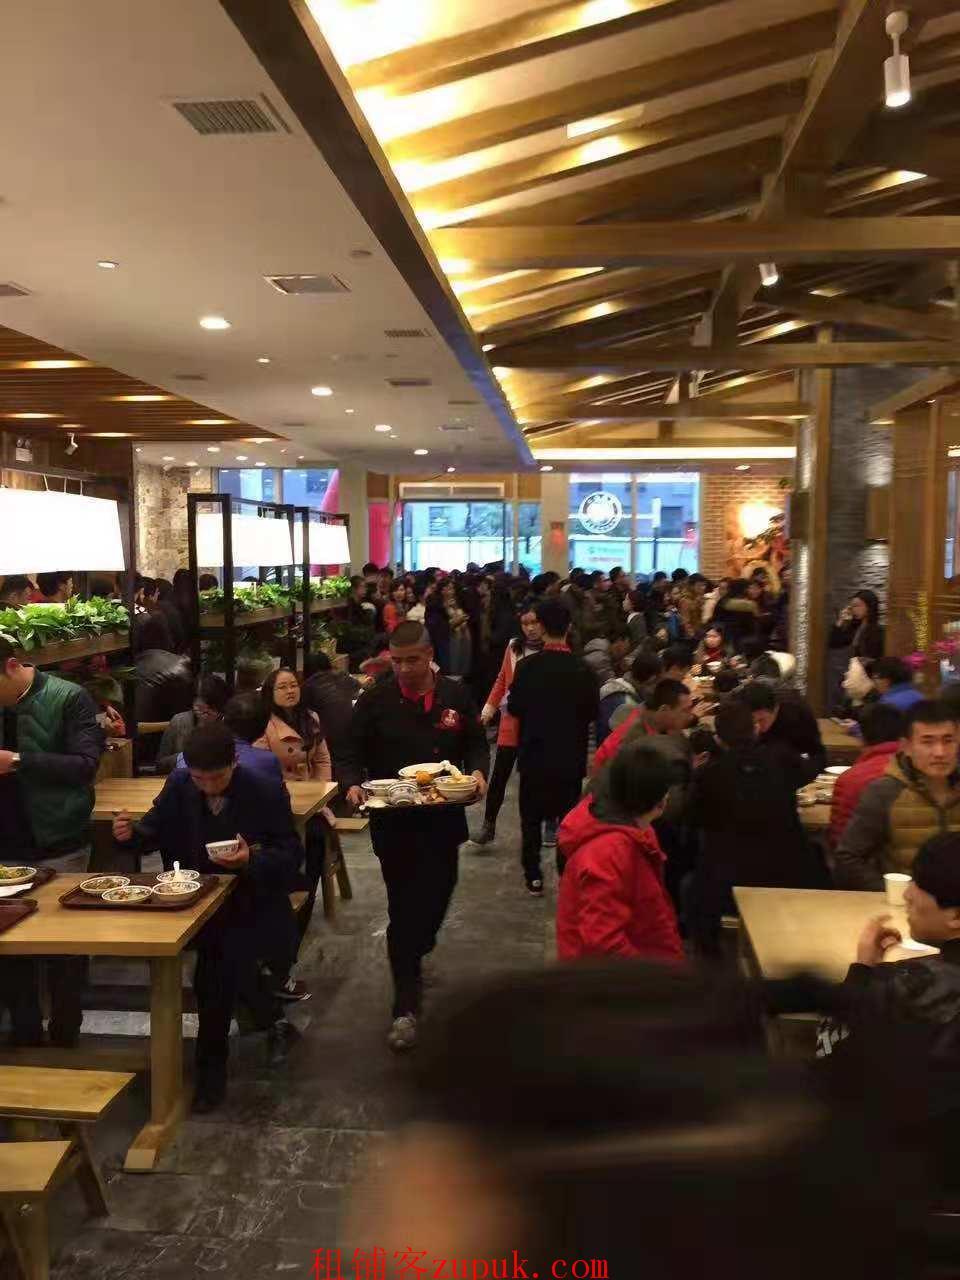 西湖转塘万人办公产业园区餐饮旺铺 固定团餐客流超大